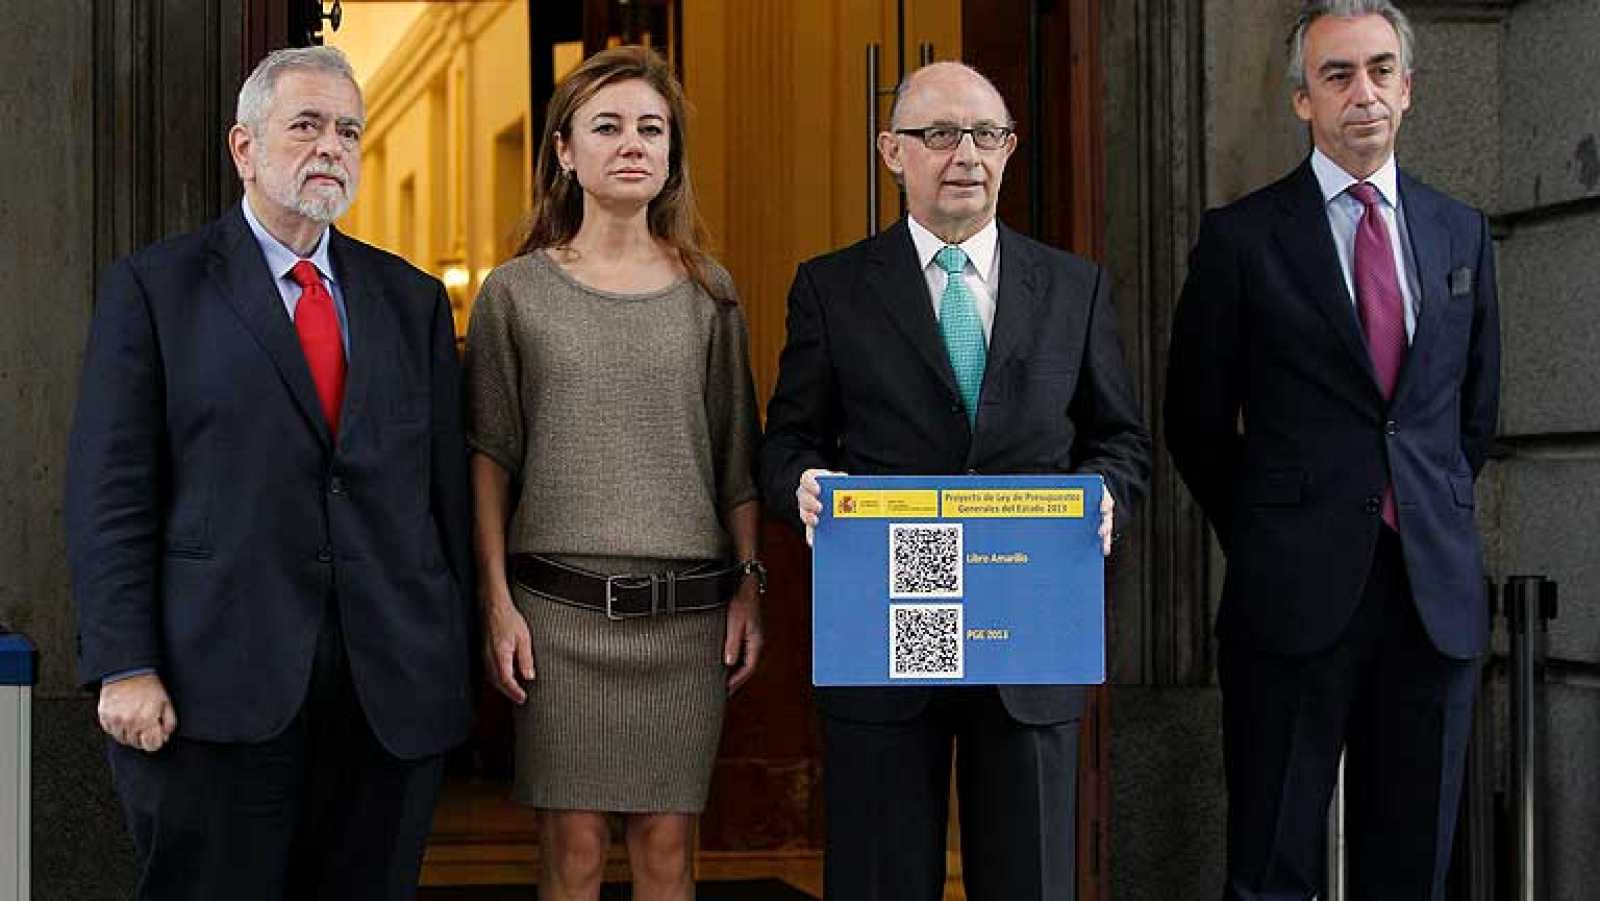 El Gobierno espera más ingresos con los Presupuestos de 2013